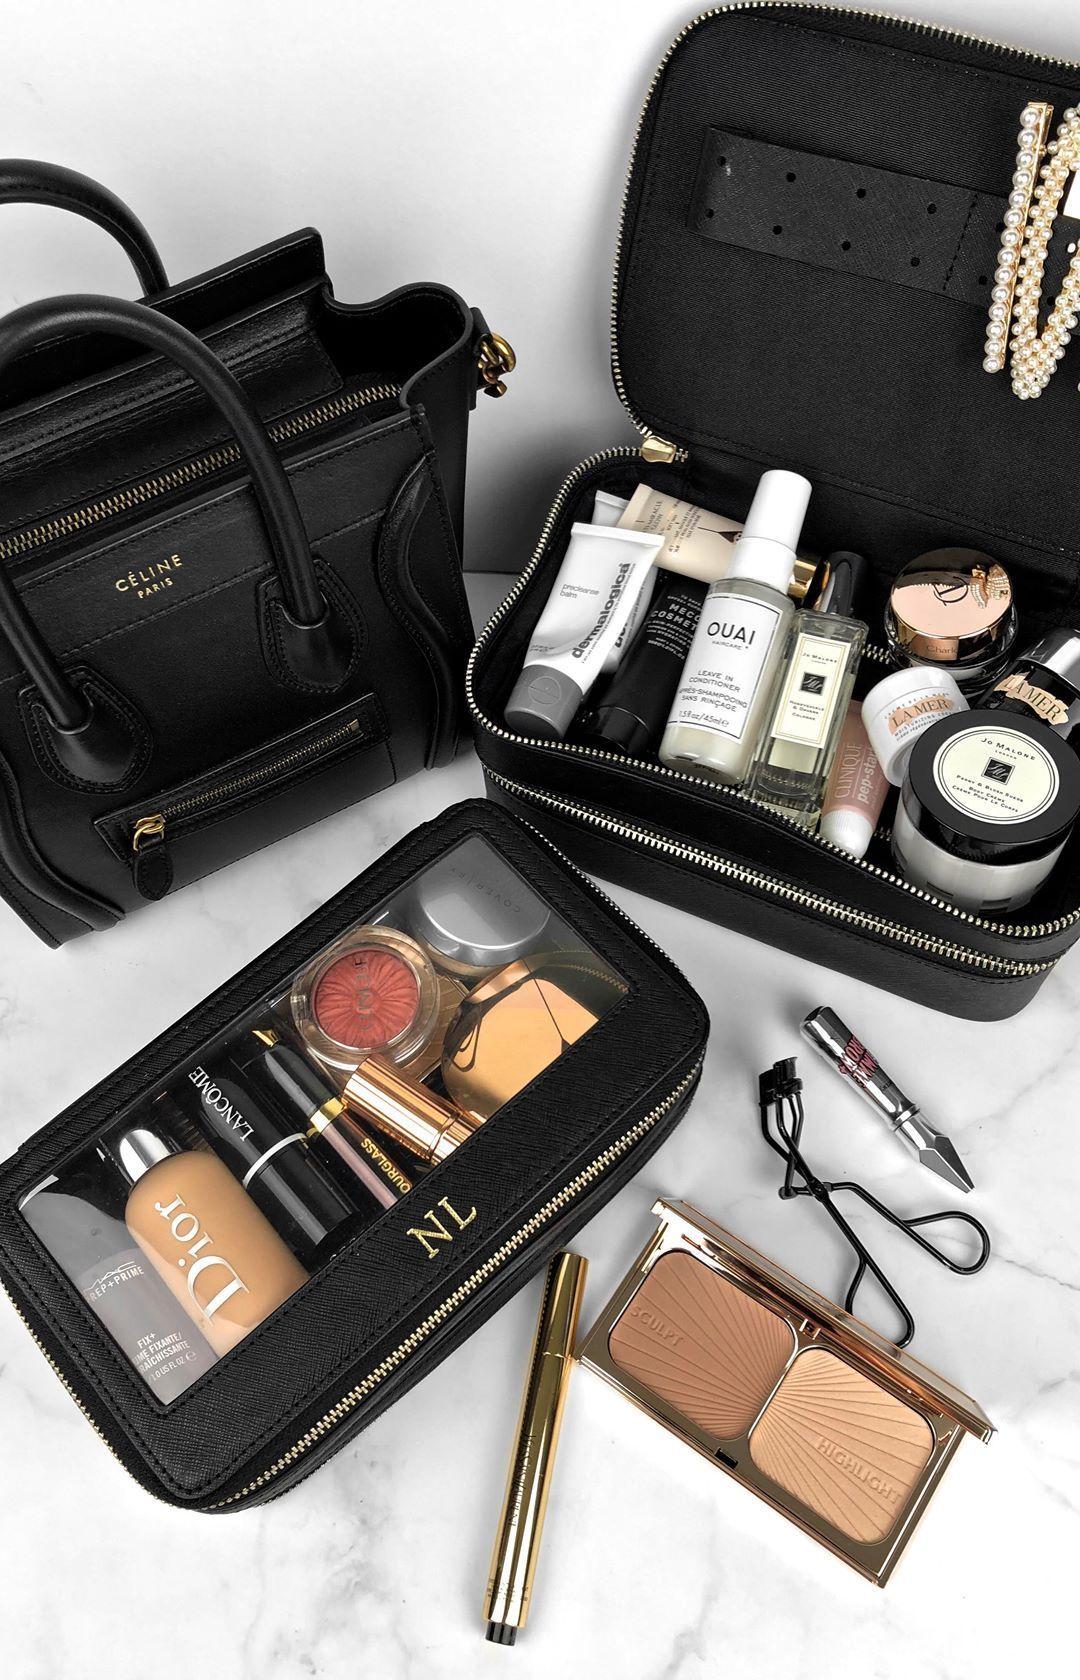 Travel makeup bag / Makeup beauty flatlay beauty makeup